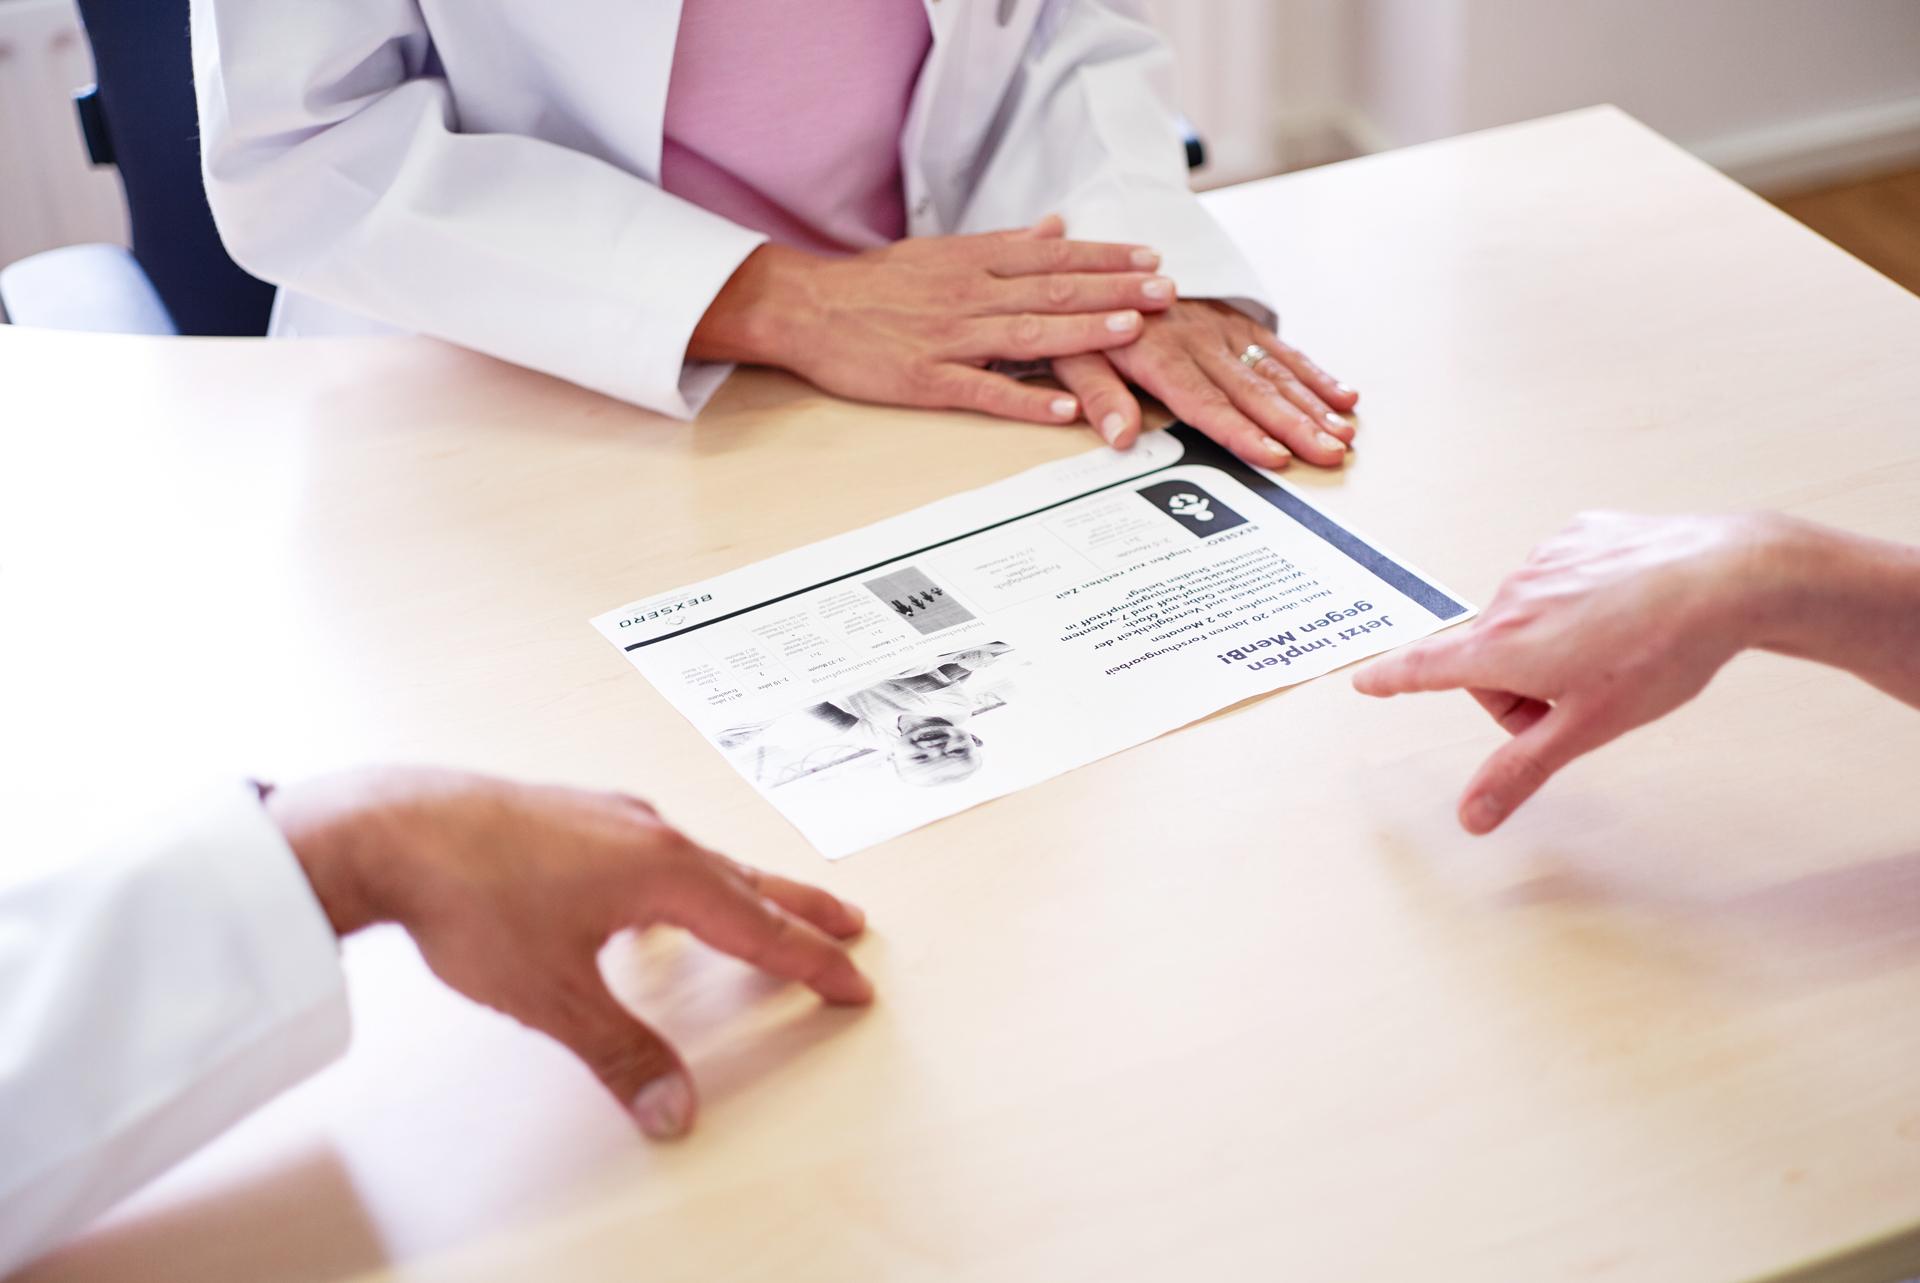 Ärzte besprechen ein Informationsblatt zum Thema Impfungen.